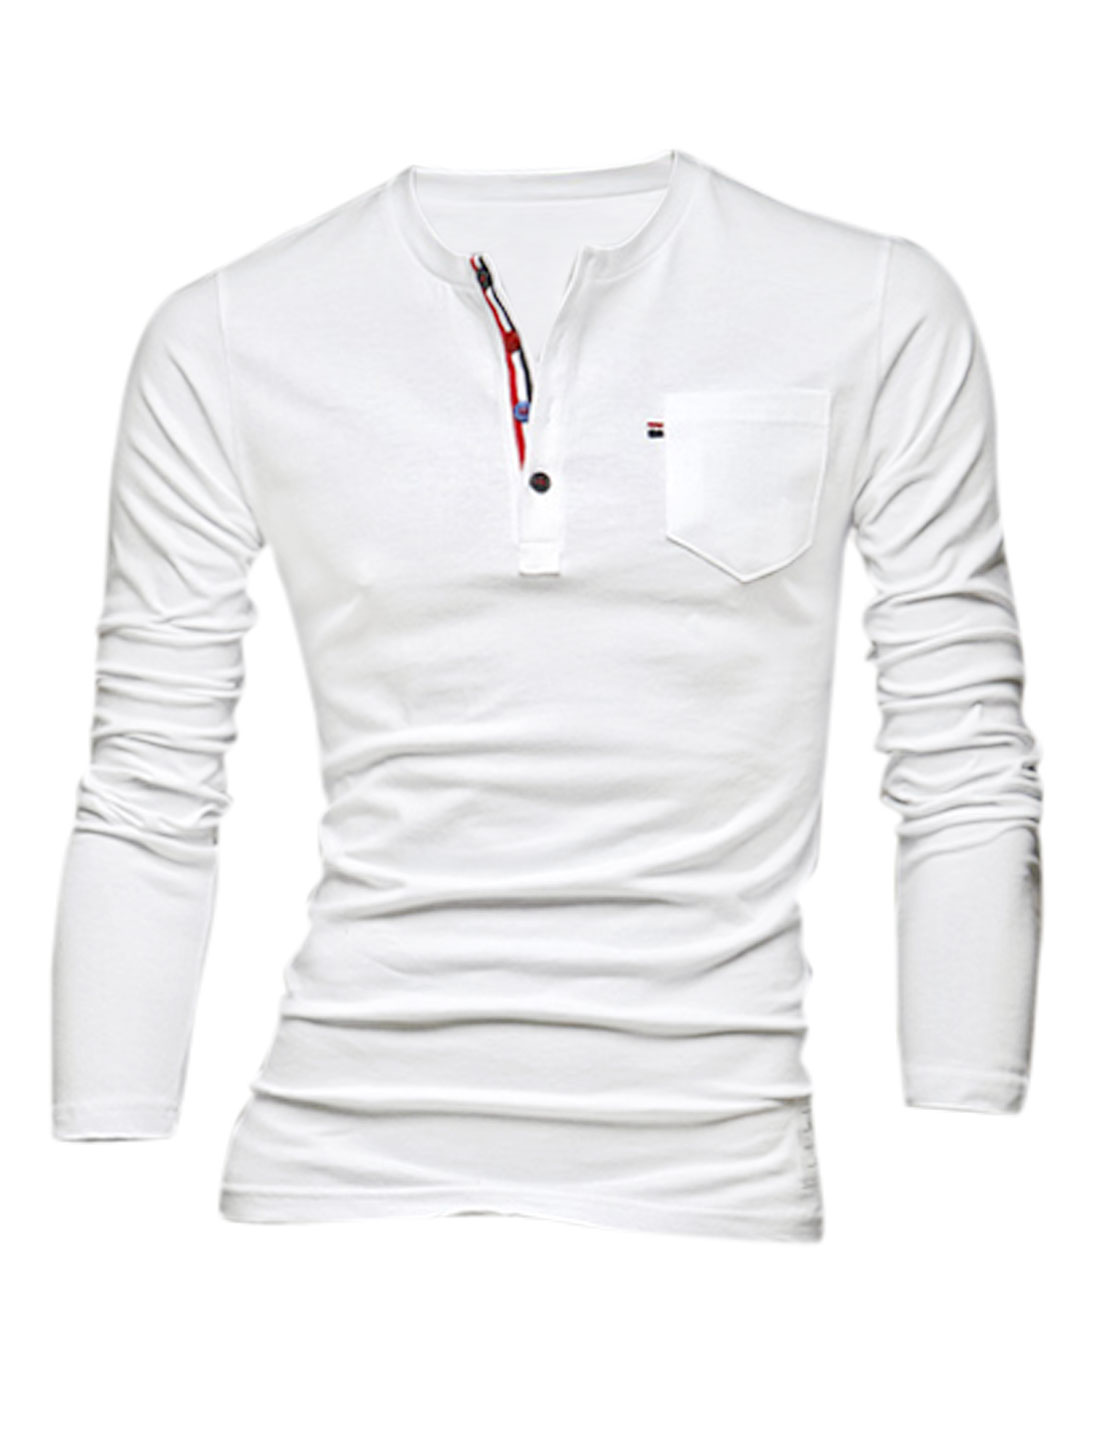 Men Leisure Style Round Neck Pullover Slim Henley Shirt White M